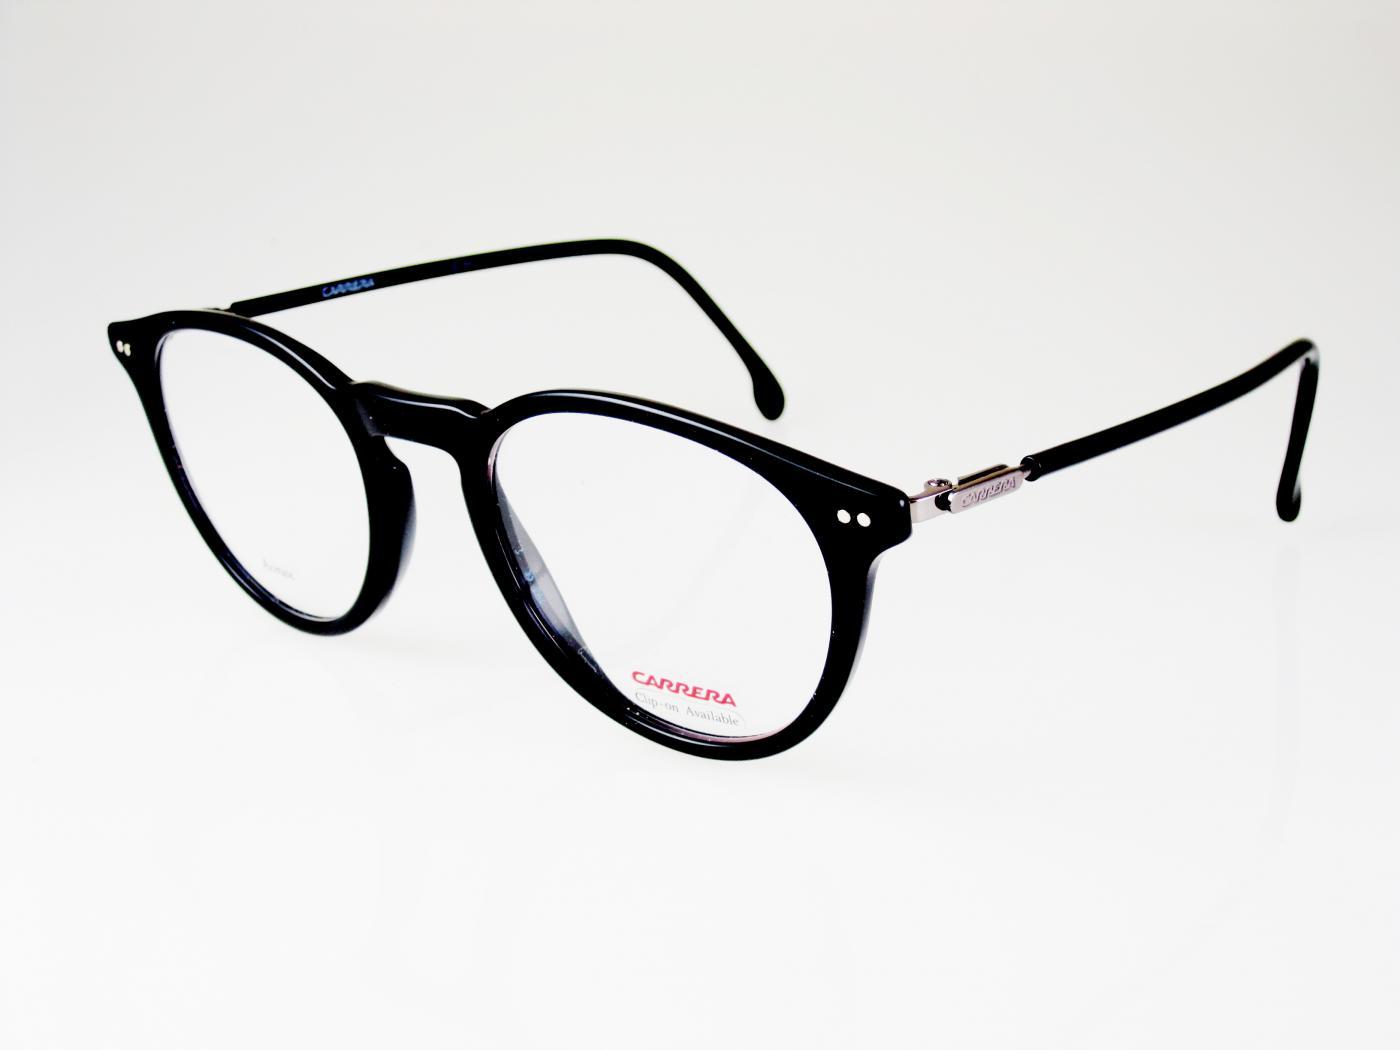 Unisexové dioptrické okuliare Carrera 807c3349959